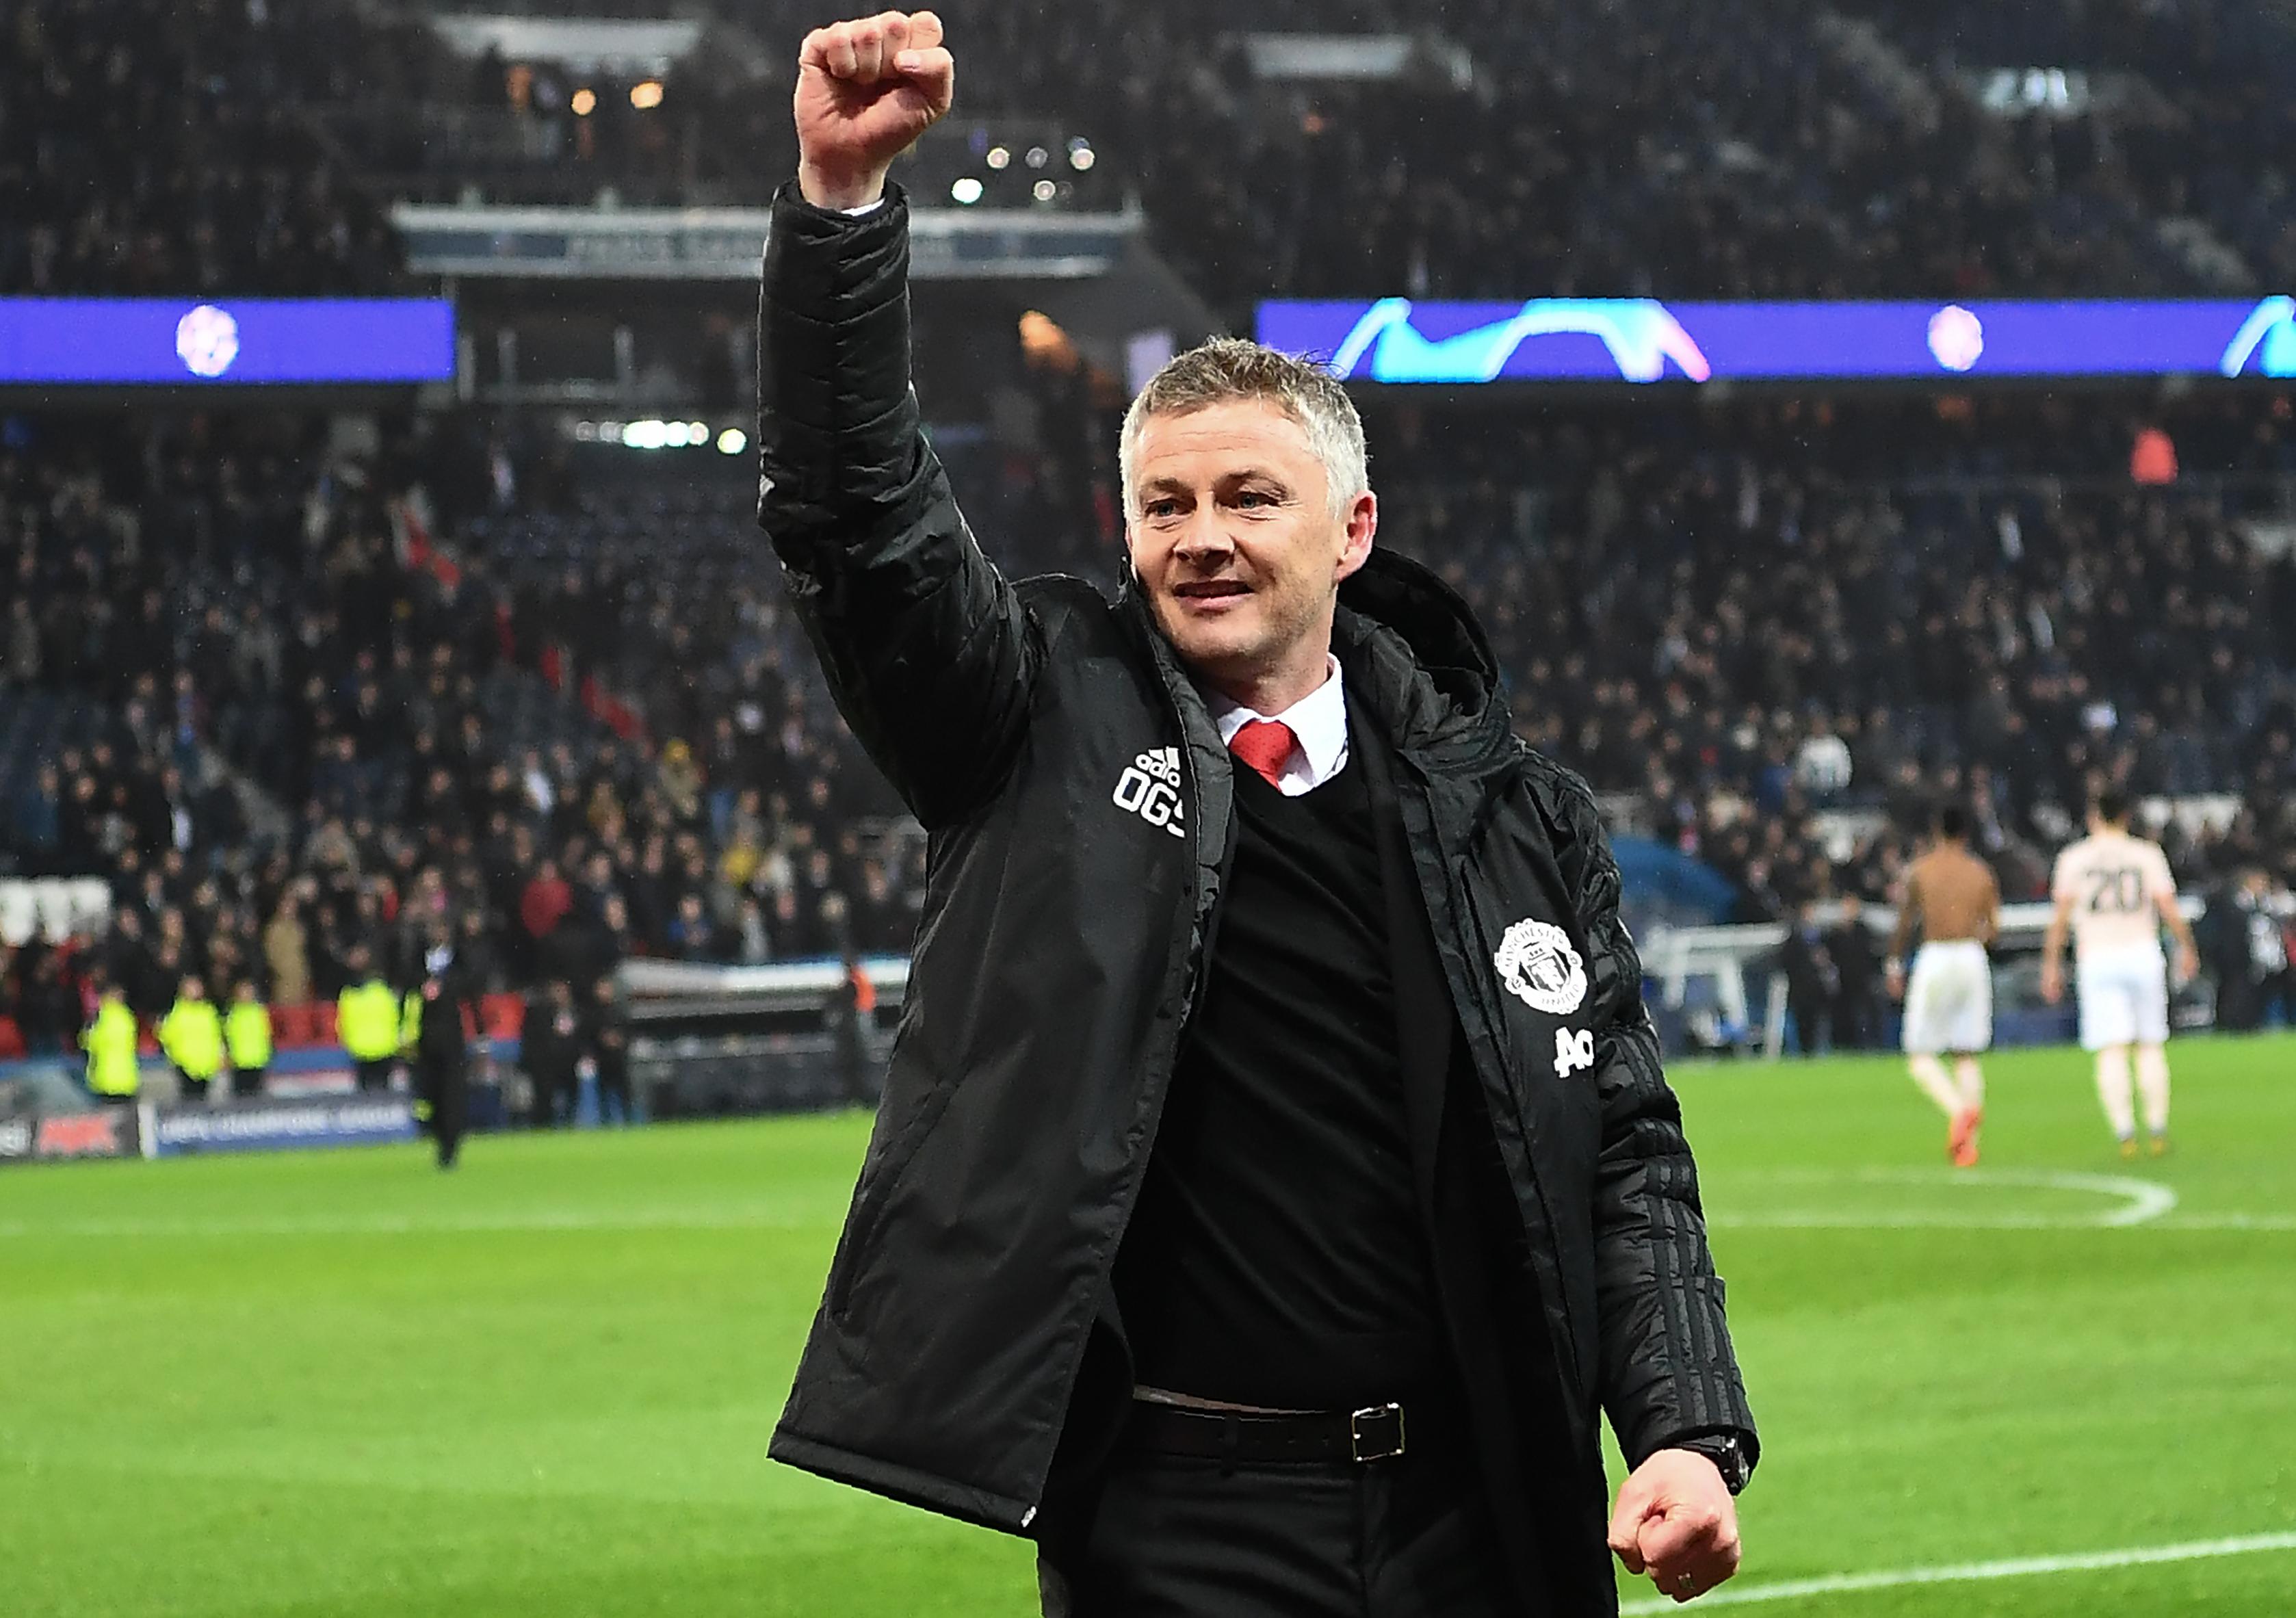 曼联客场神奇翻盘 淘汰巴黎晋级欧冠八强